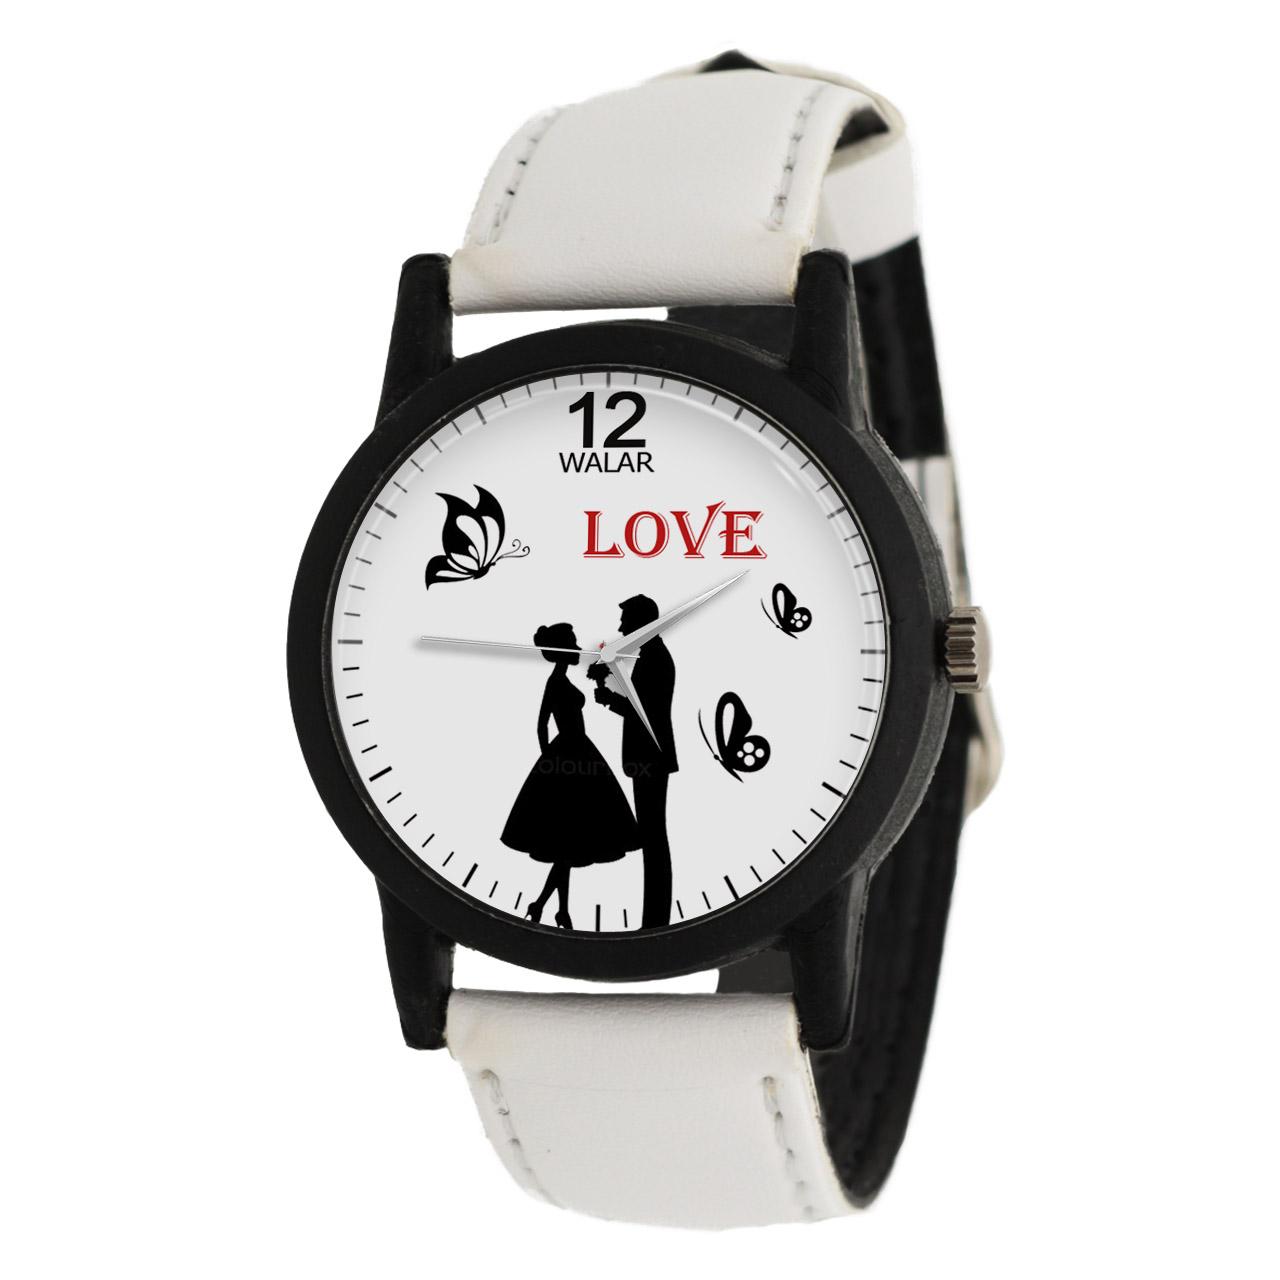 ساعت مچی عقربه ای زنانه والار طرح LOVE مدل LF1431